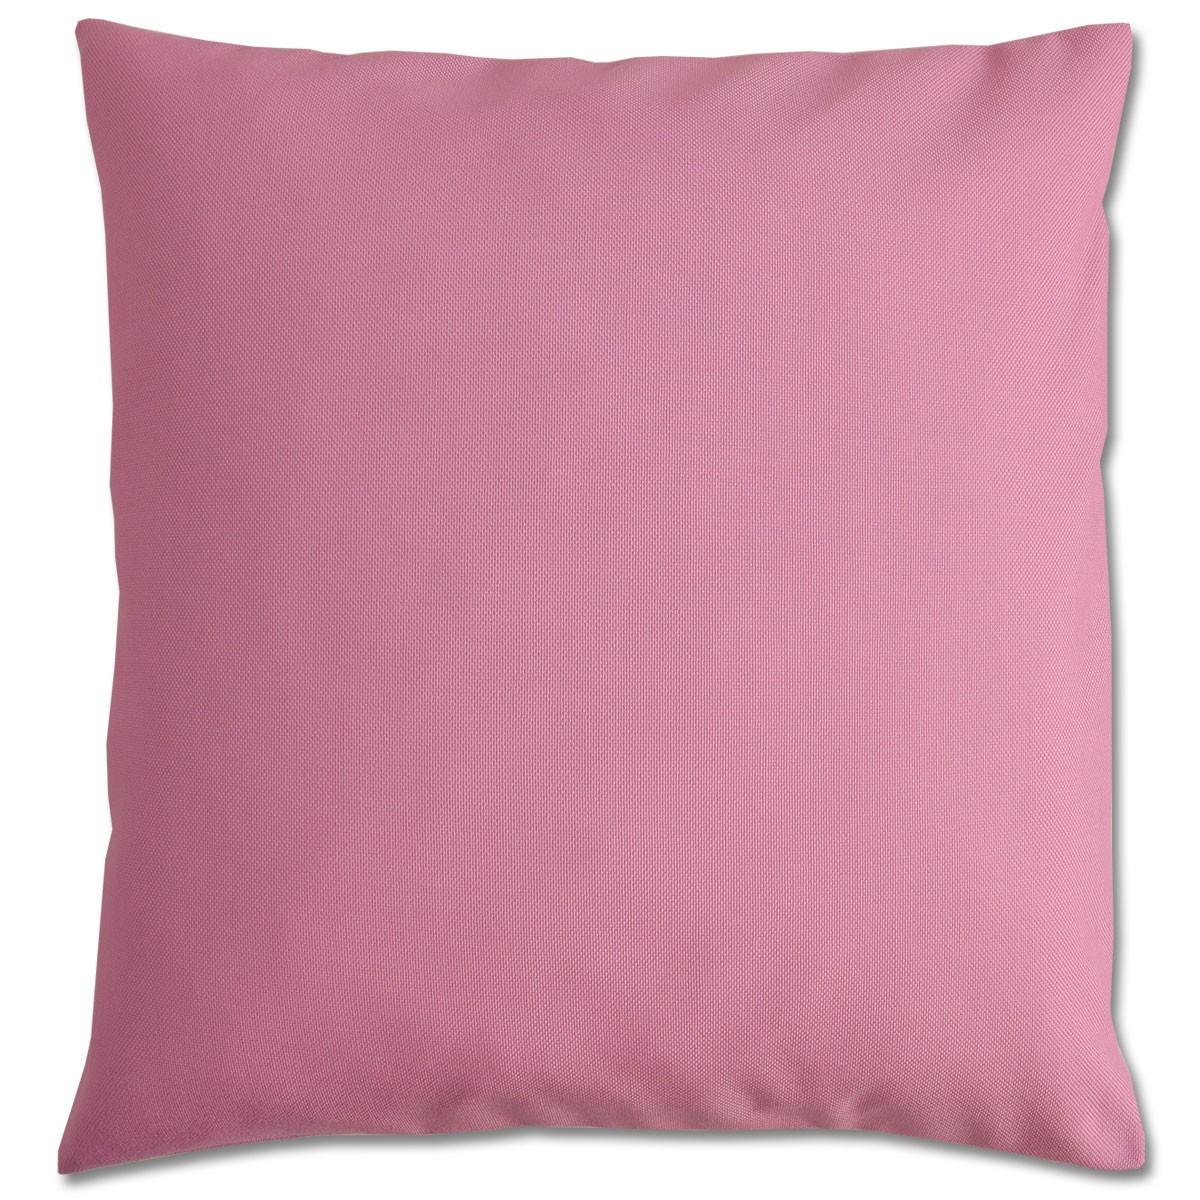 Kissenhülle Blubb-Kids Rosa Pink uni 40x40 cm